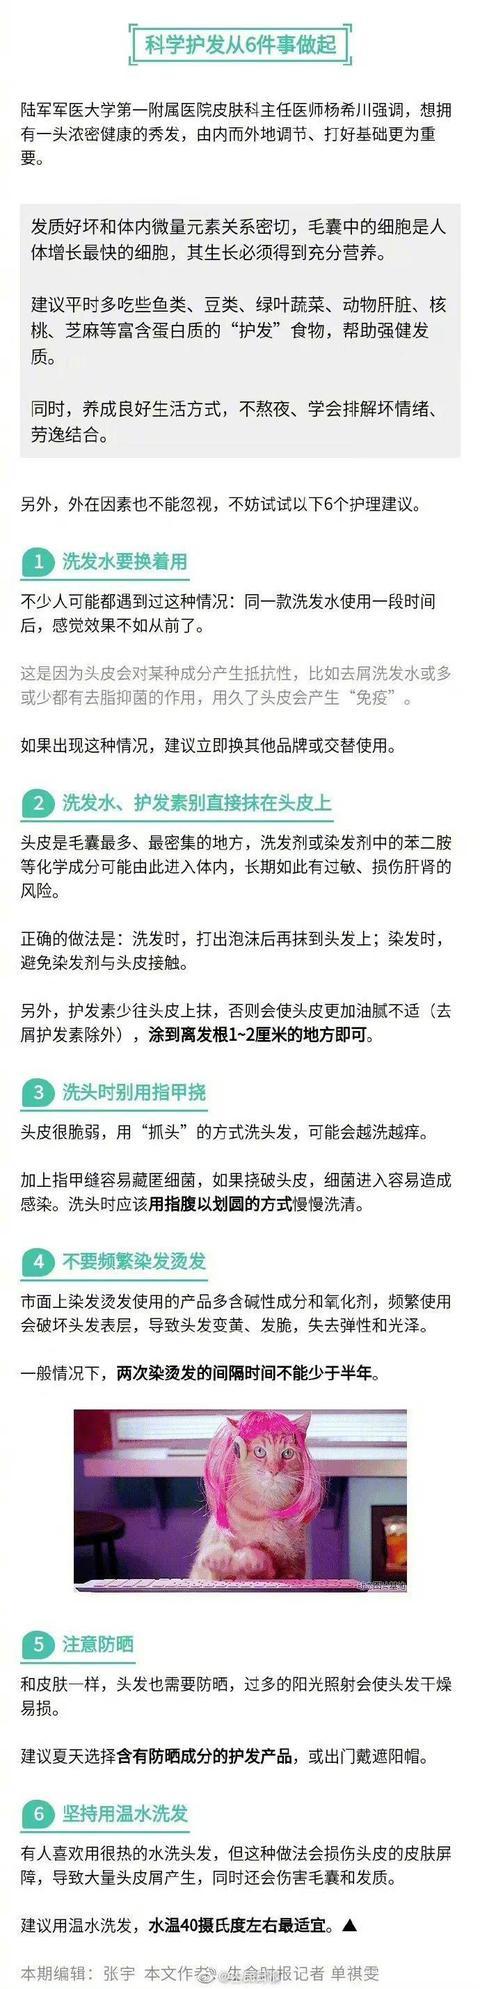 【收藏中国现在潜艇数目在80艘左右!实用中国现在潜艇数目在80艘左右!#做好6件事有效防脱发#】6696 作者:admin 帖子ID:21618